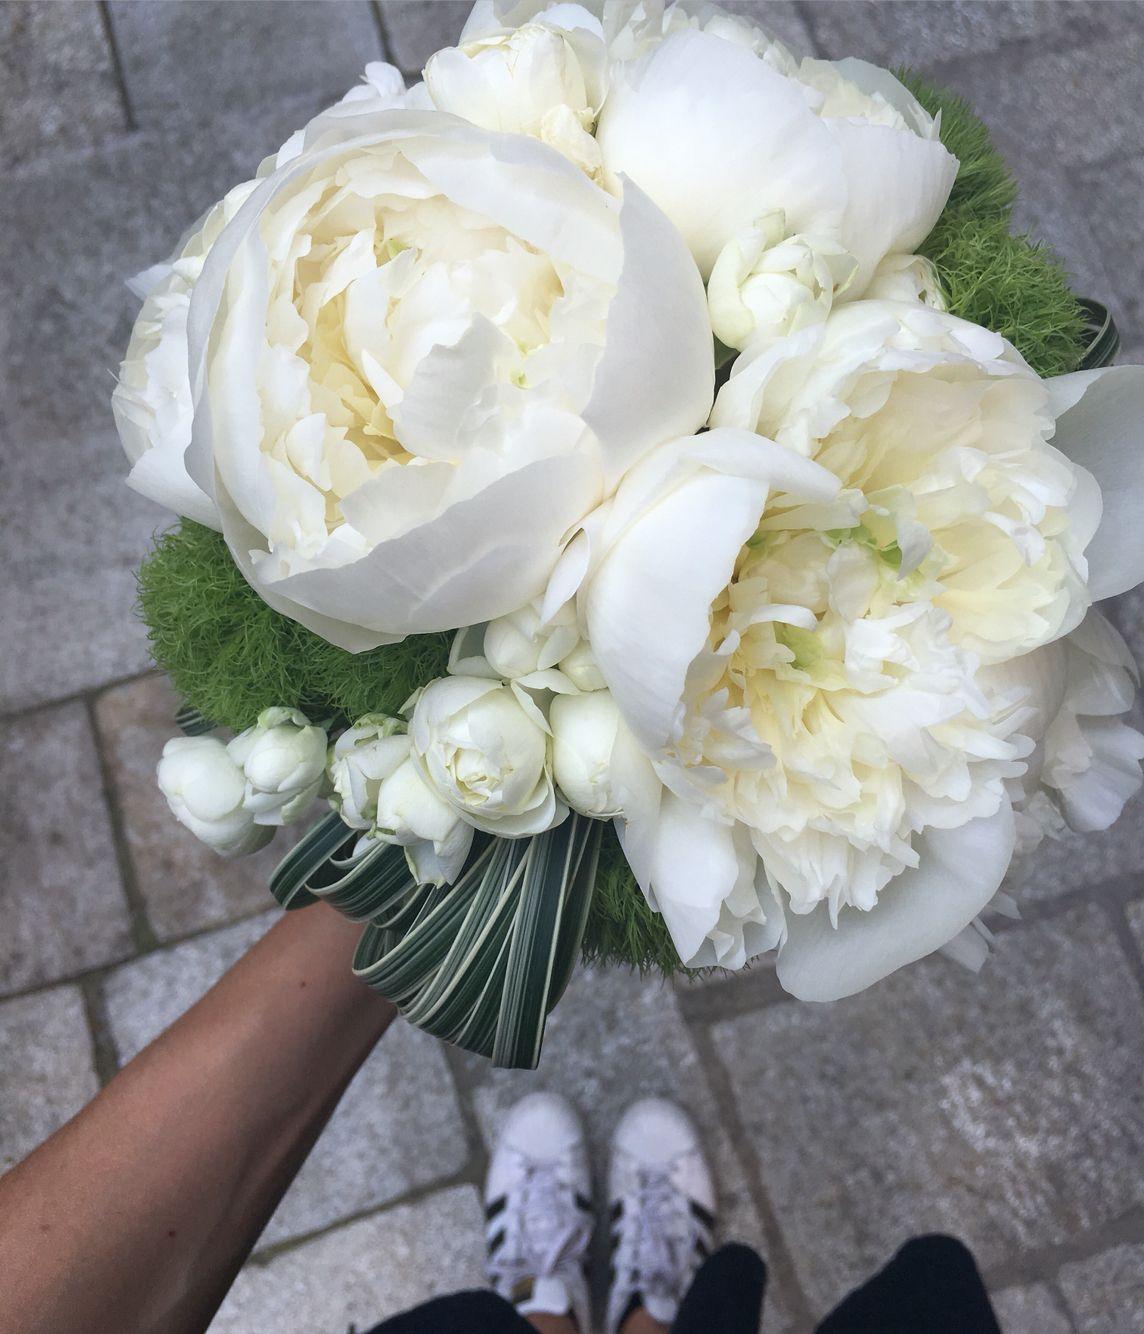 Fiori Bianchi Per Bouquet Da Sposa.Bouquet Da Sposa Weddingbouquet Peonia Fiori Bianchi Fiori Per